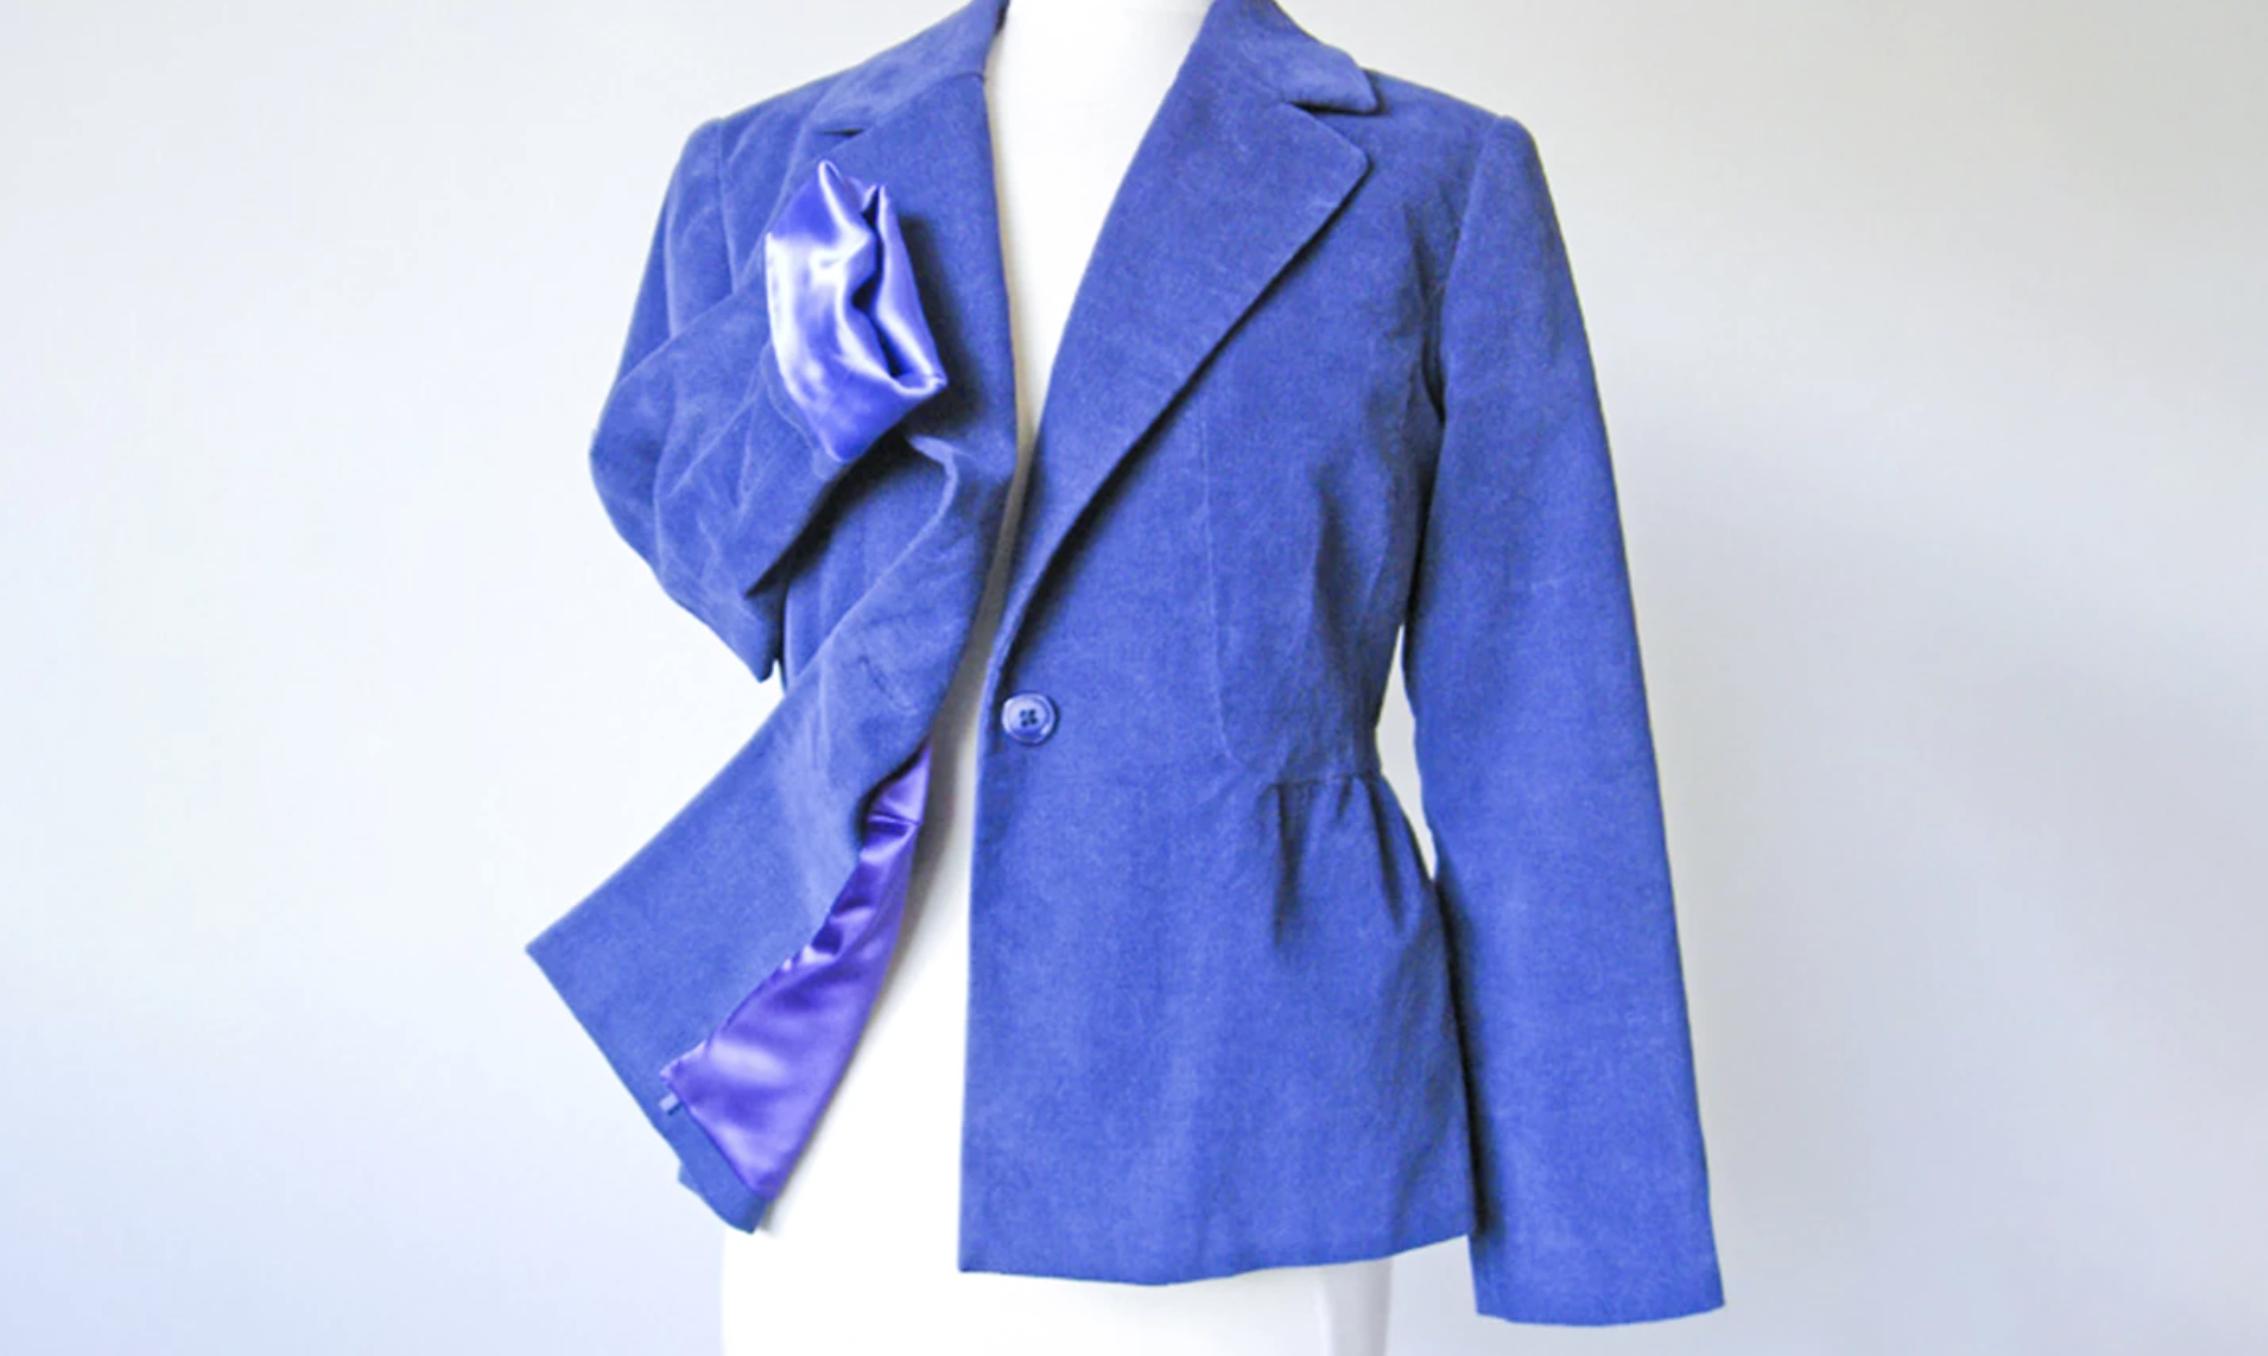 blue jacket on mannequin